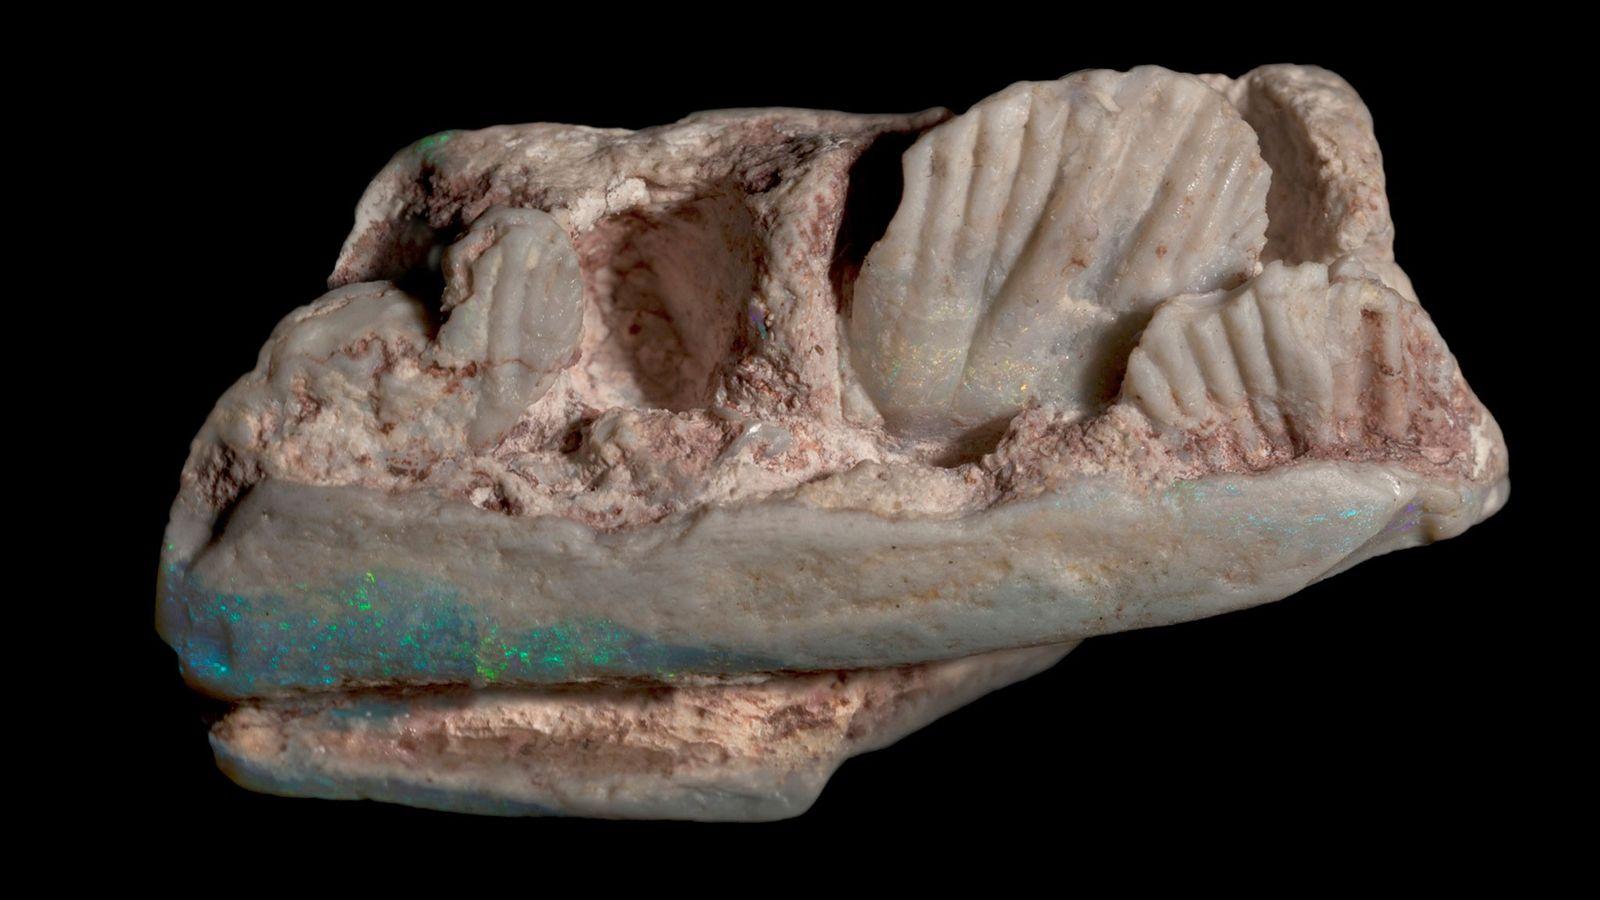 Der rechte Unterkiefer des Weewarrasaurus schillert durch den Opal im Fossil.